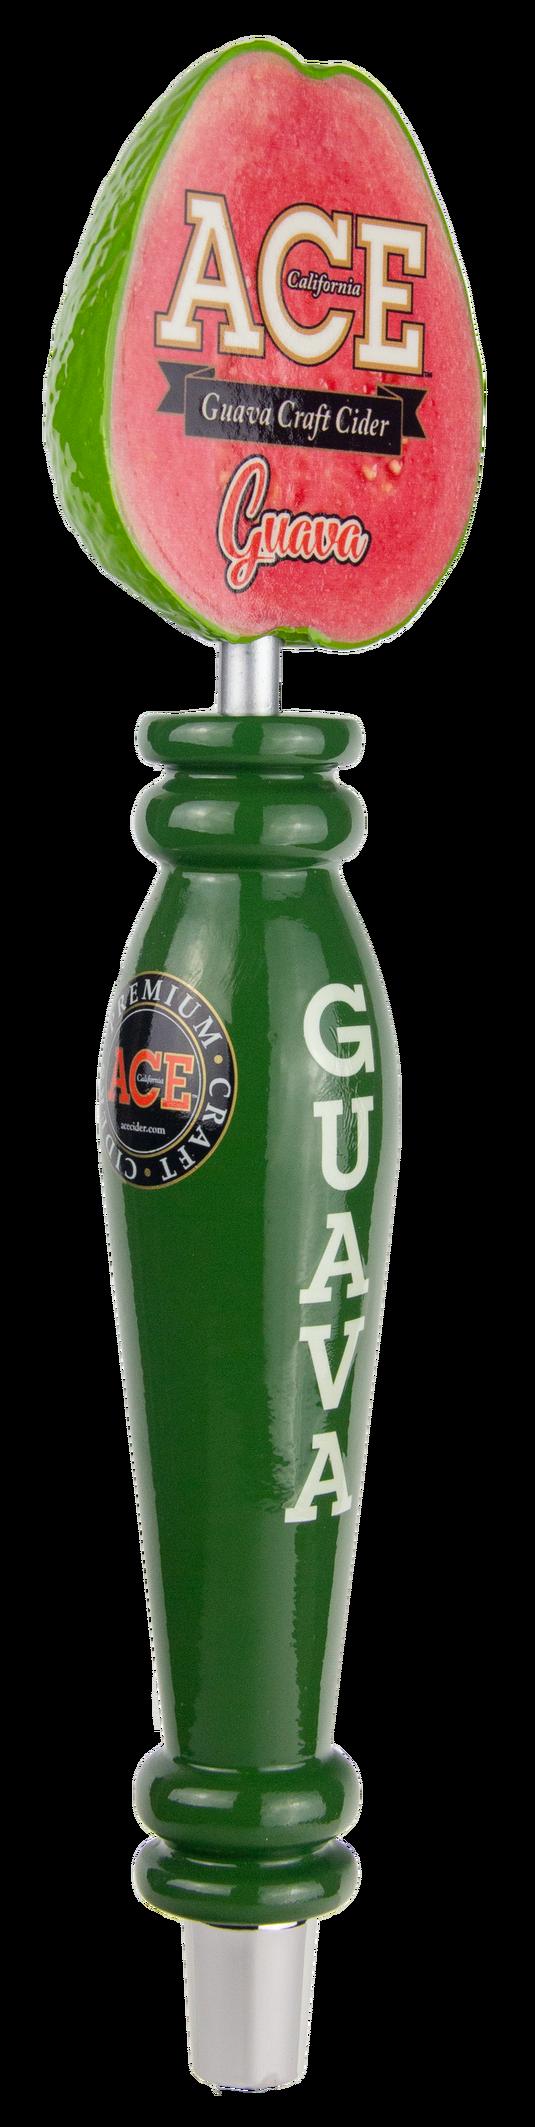 ACE Guava Tap Handle 3D